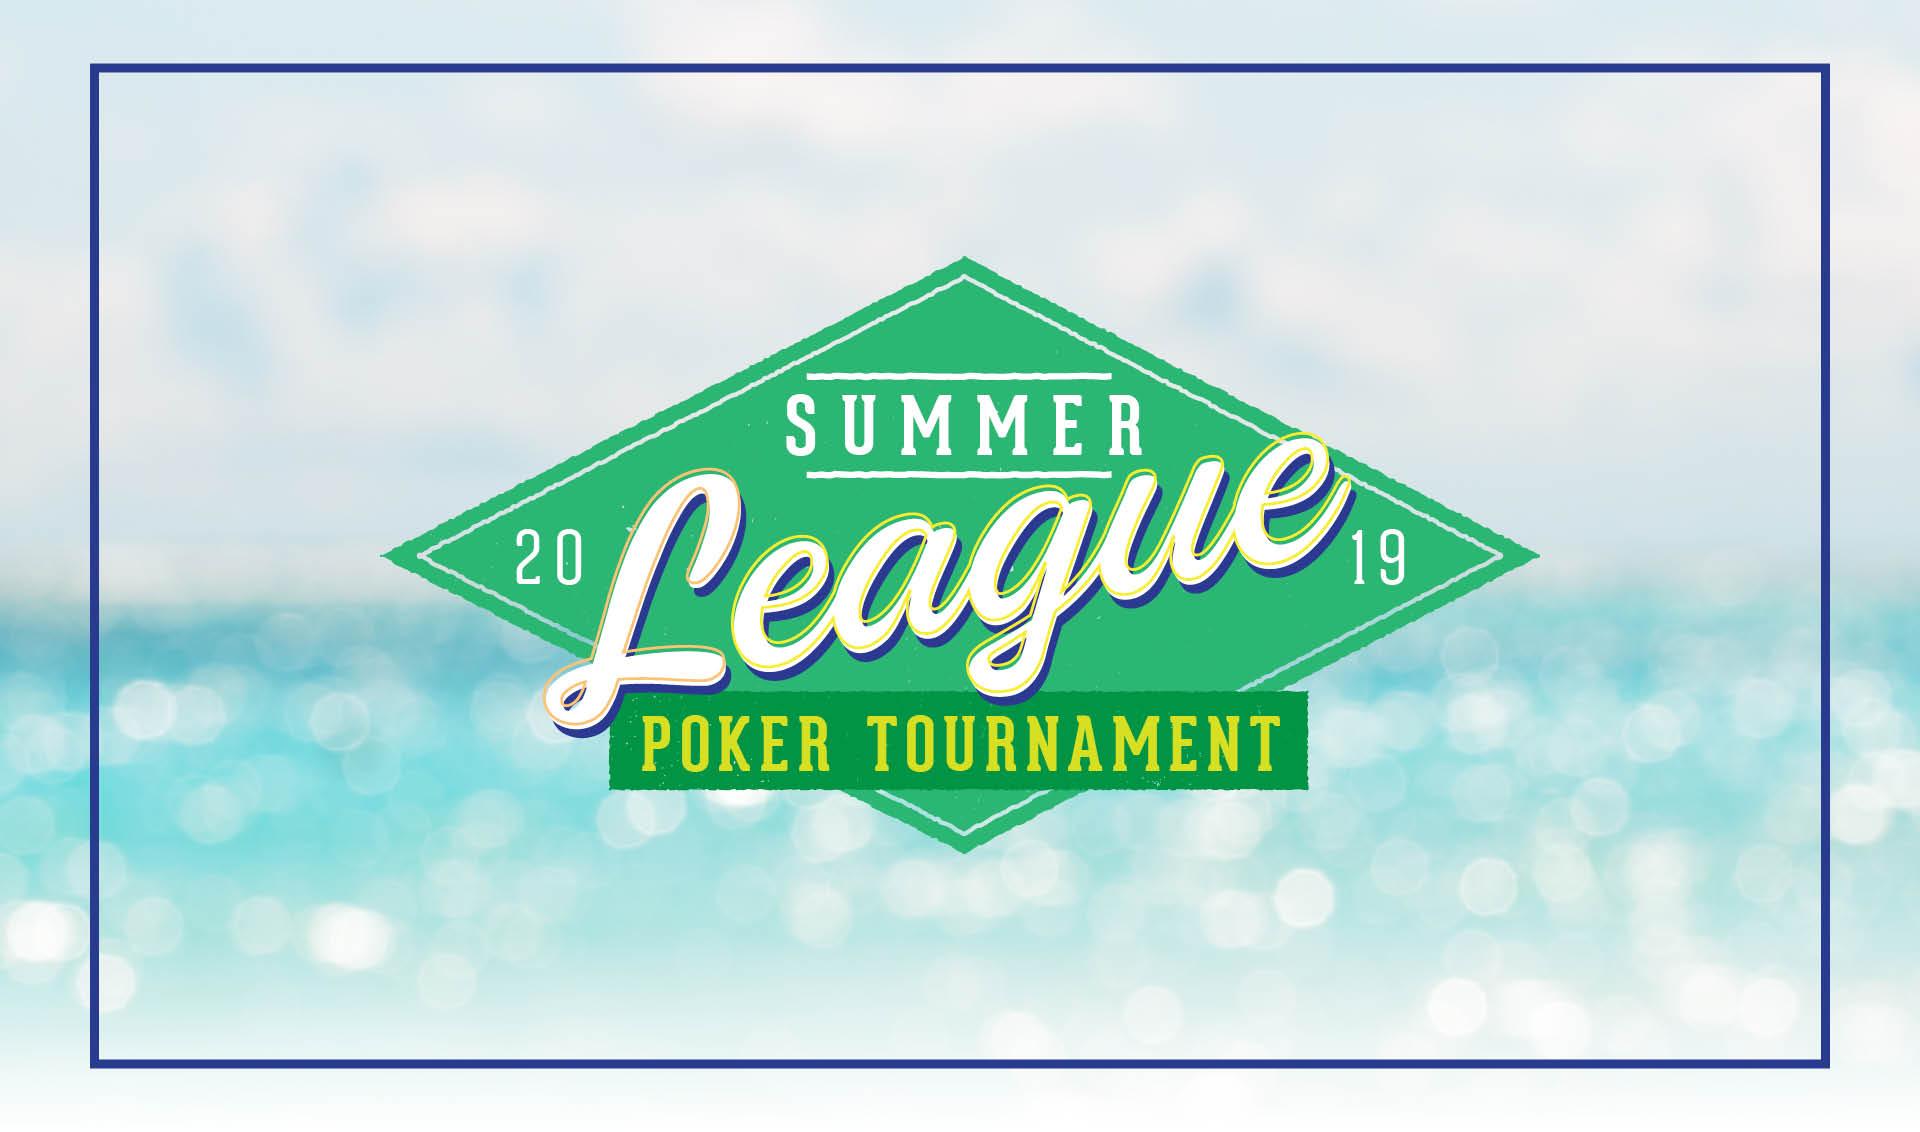 Summer League Poker Tournament